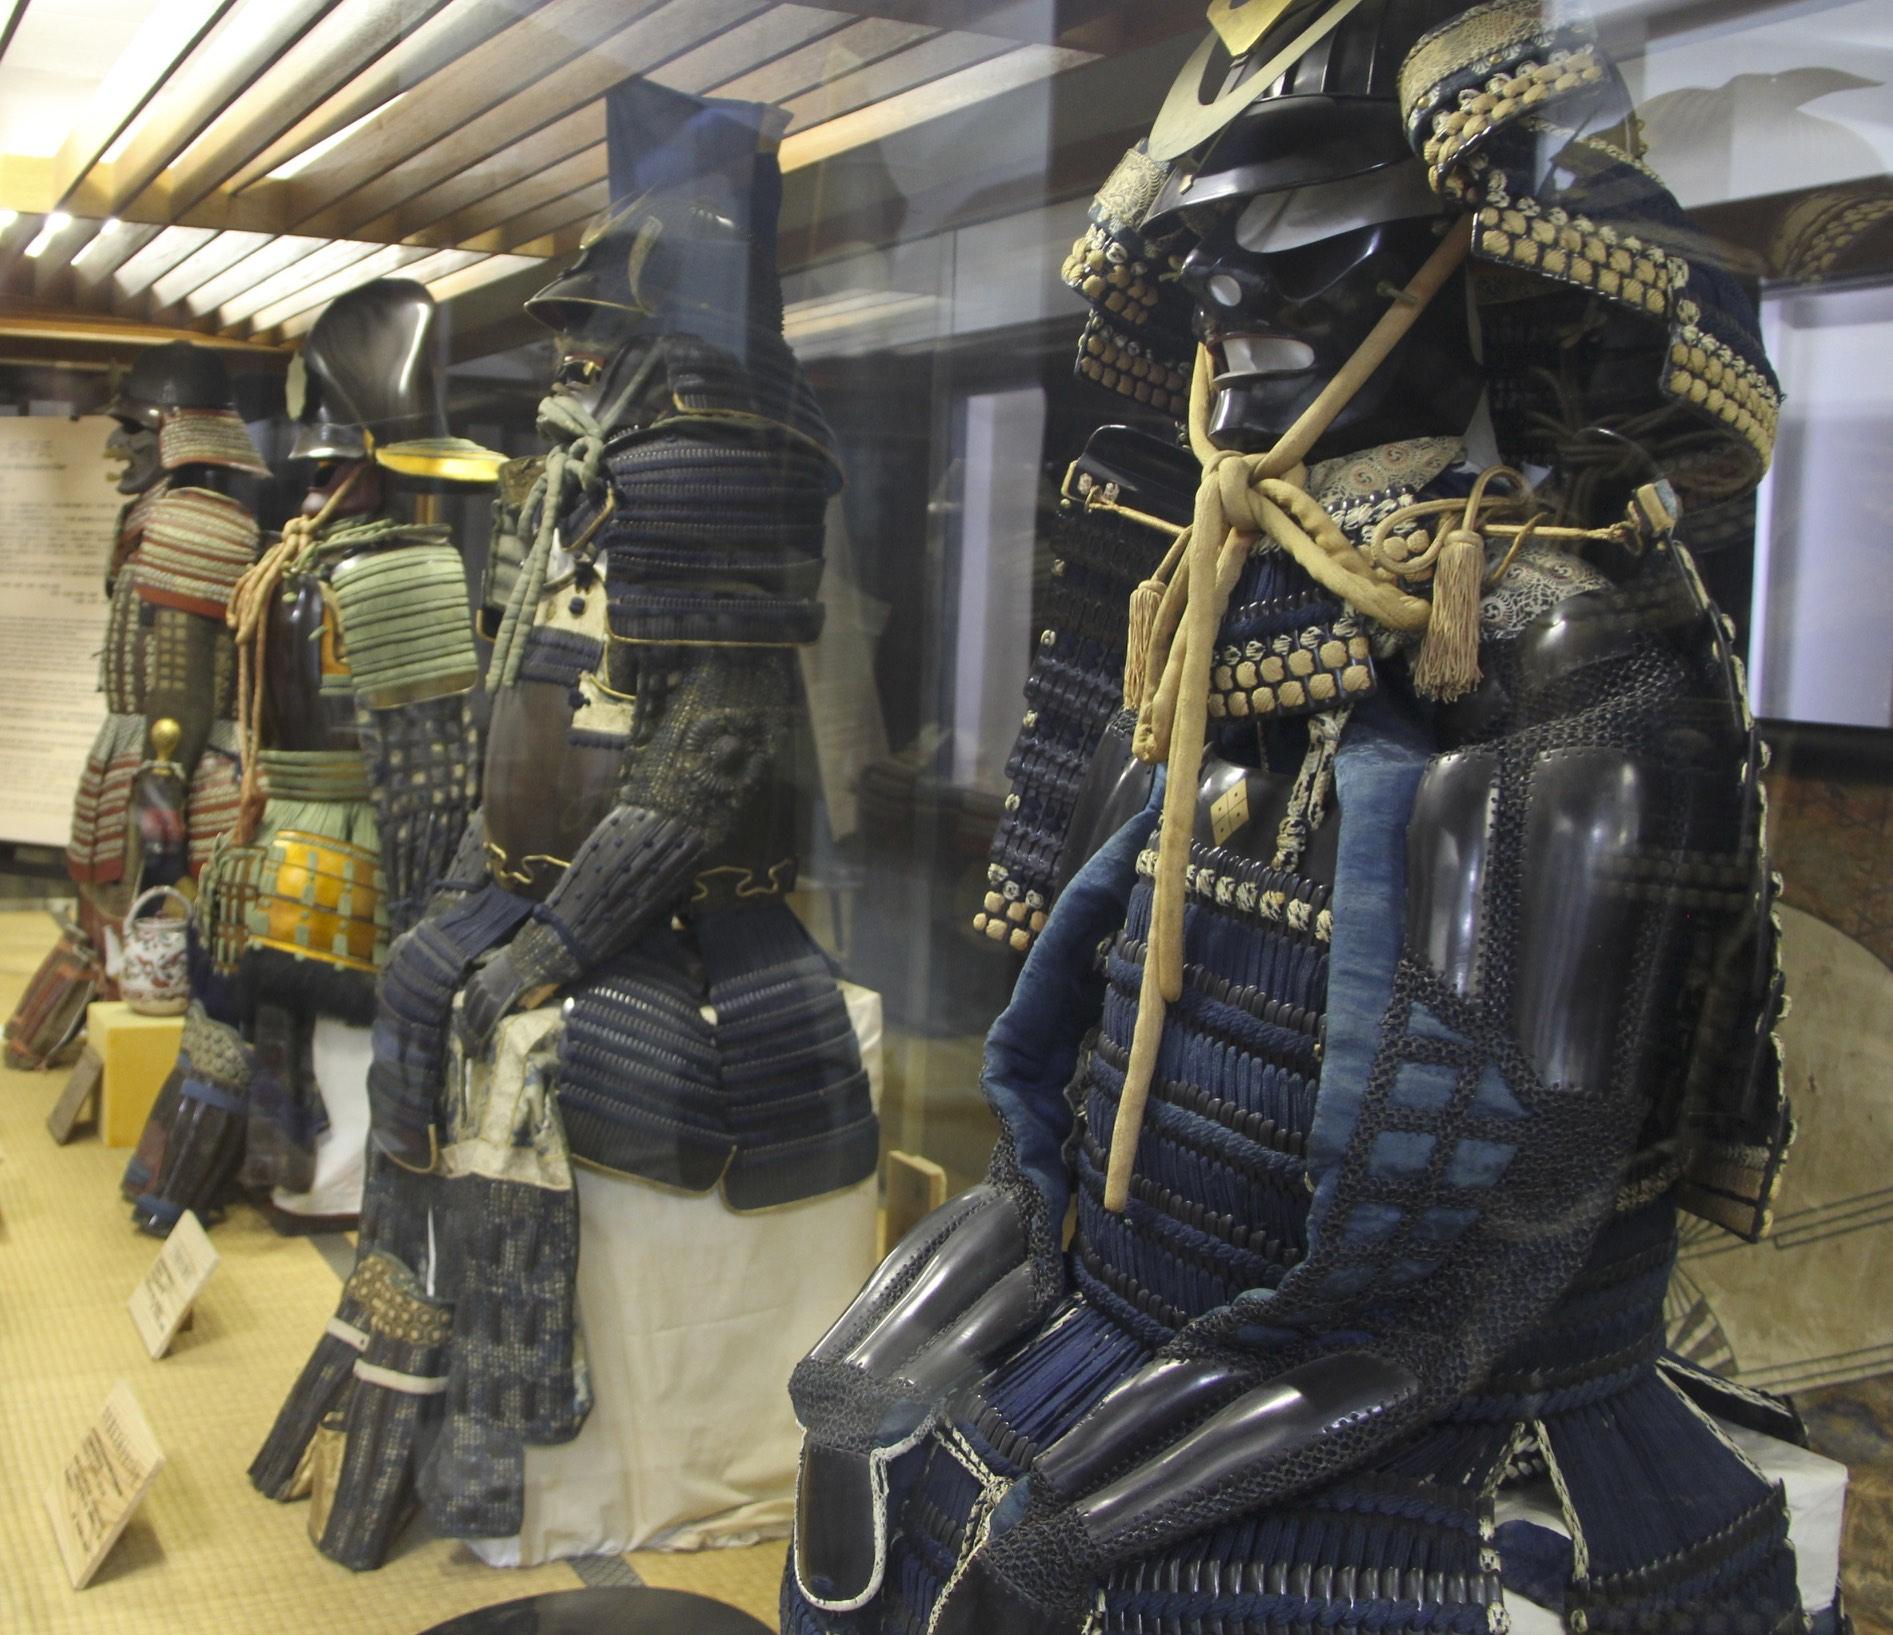 Smurai armor